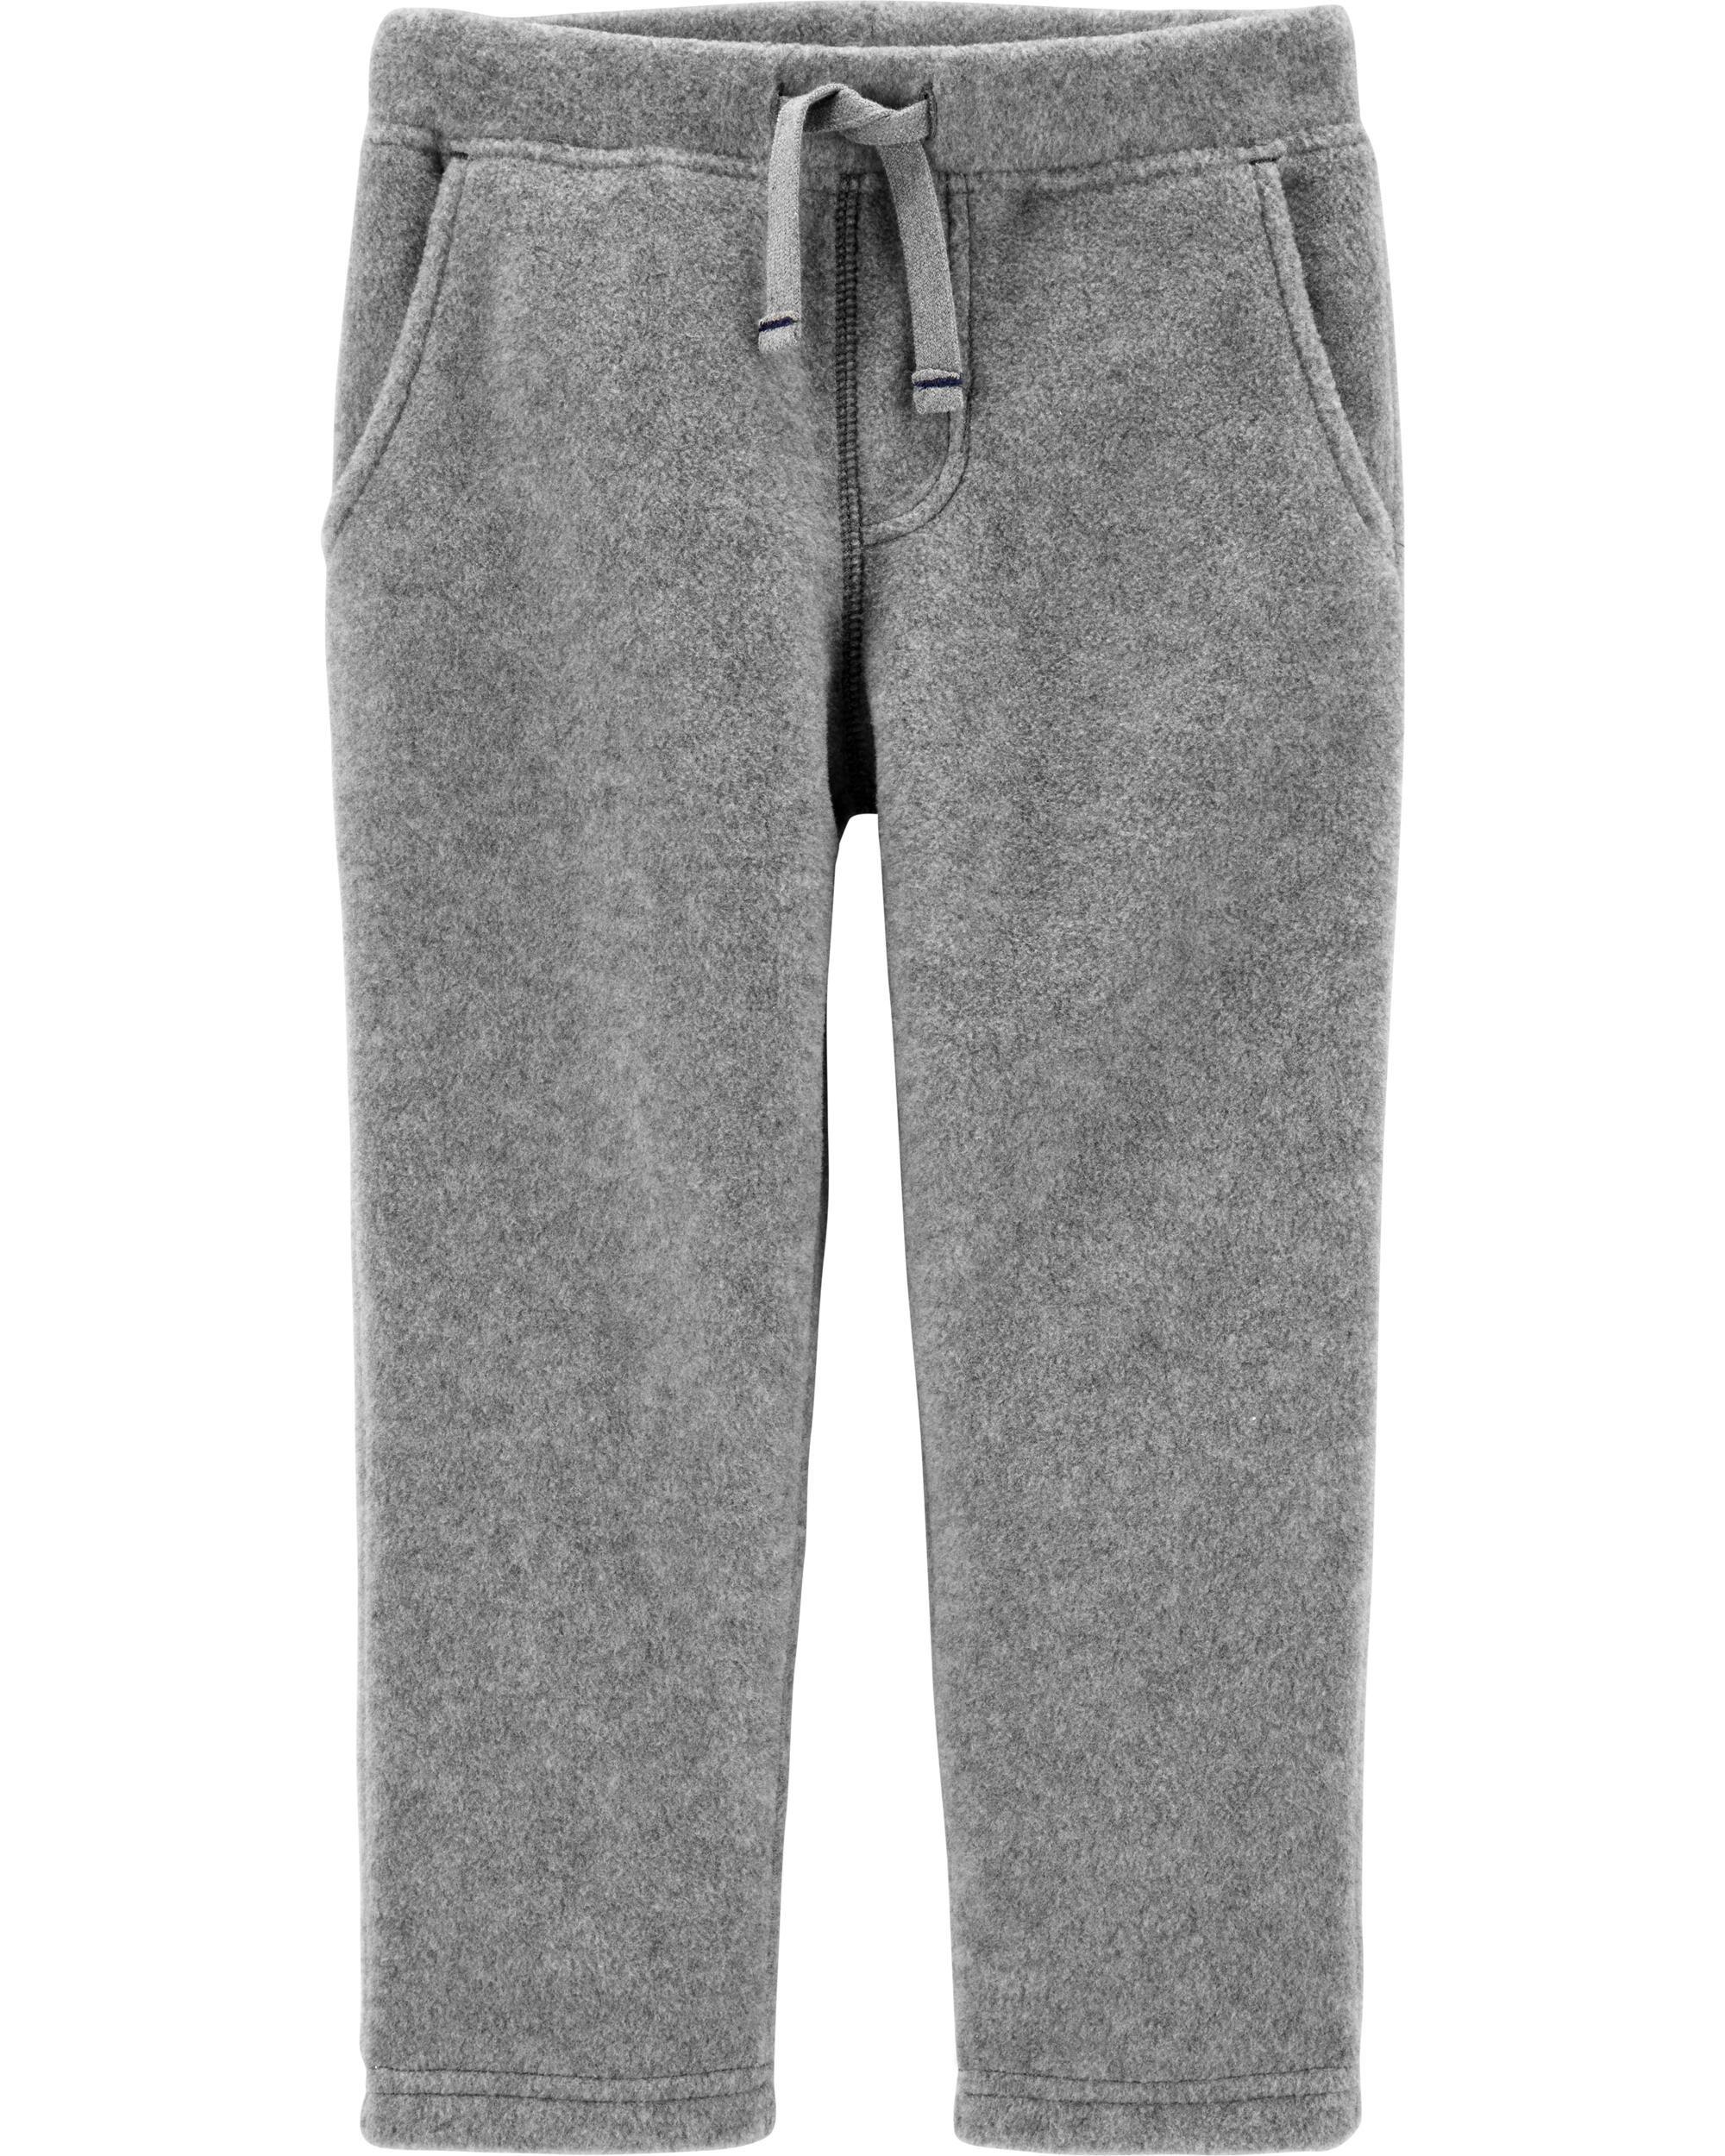 *DOORBUSTER* Pull-On Fleece Pants